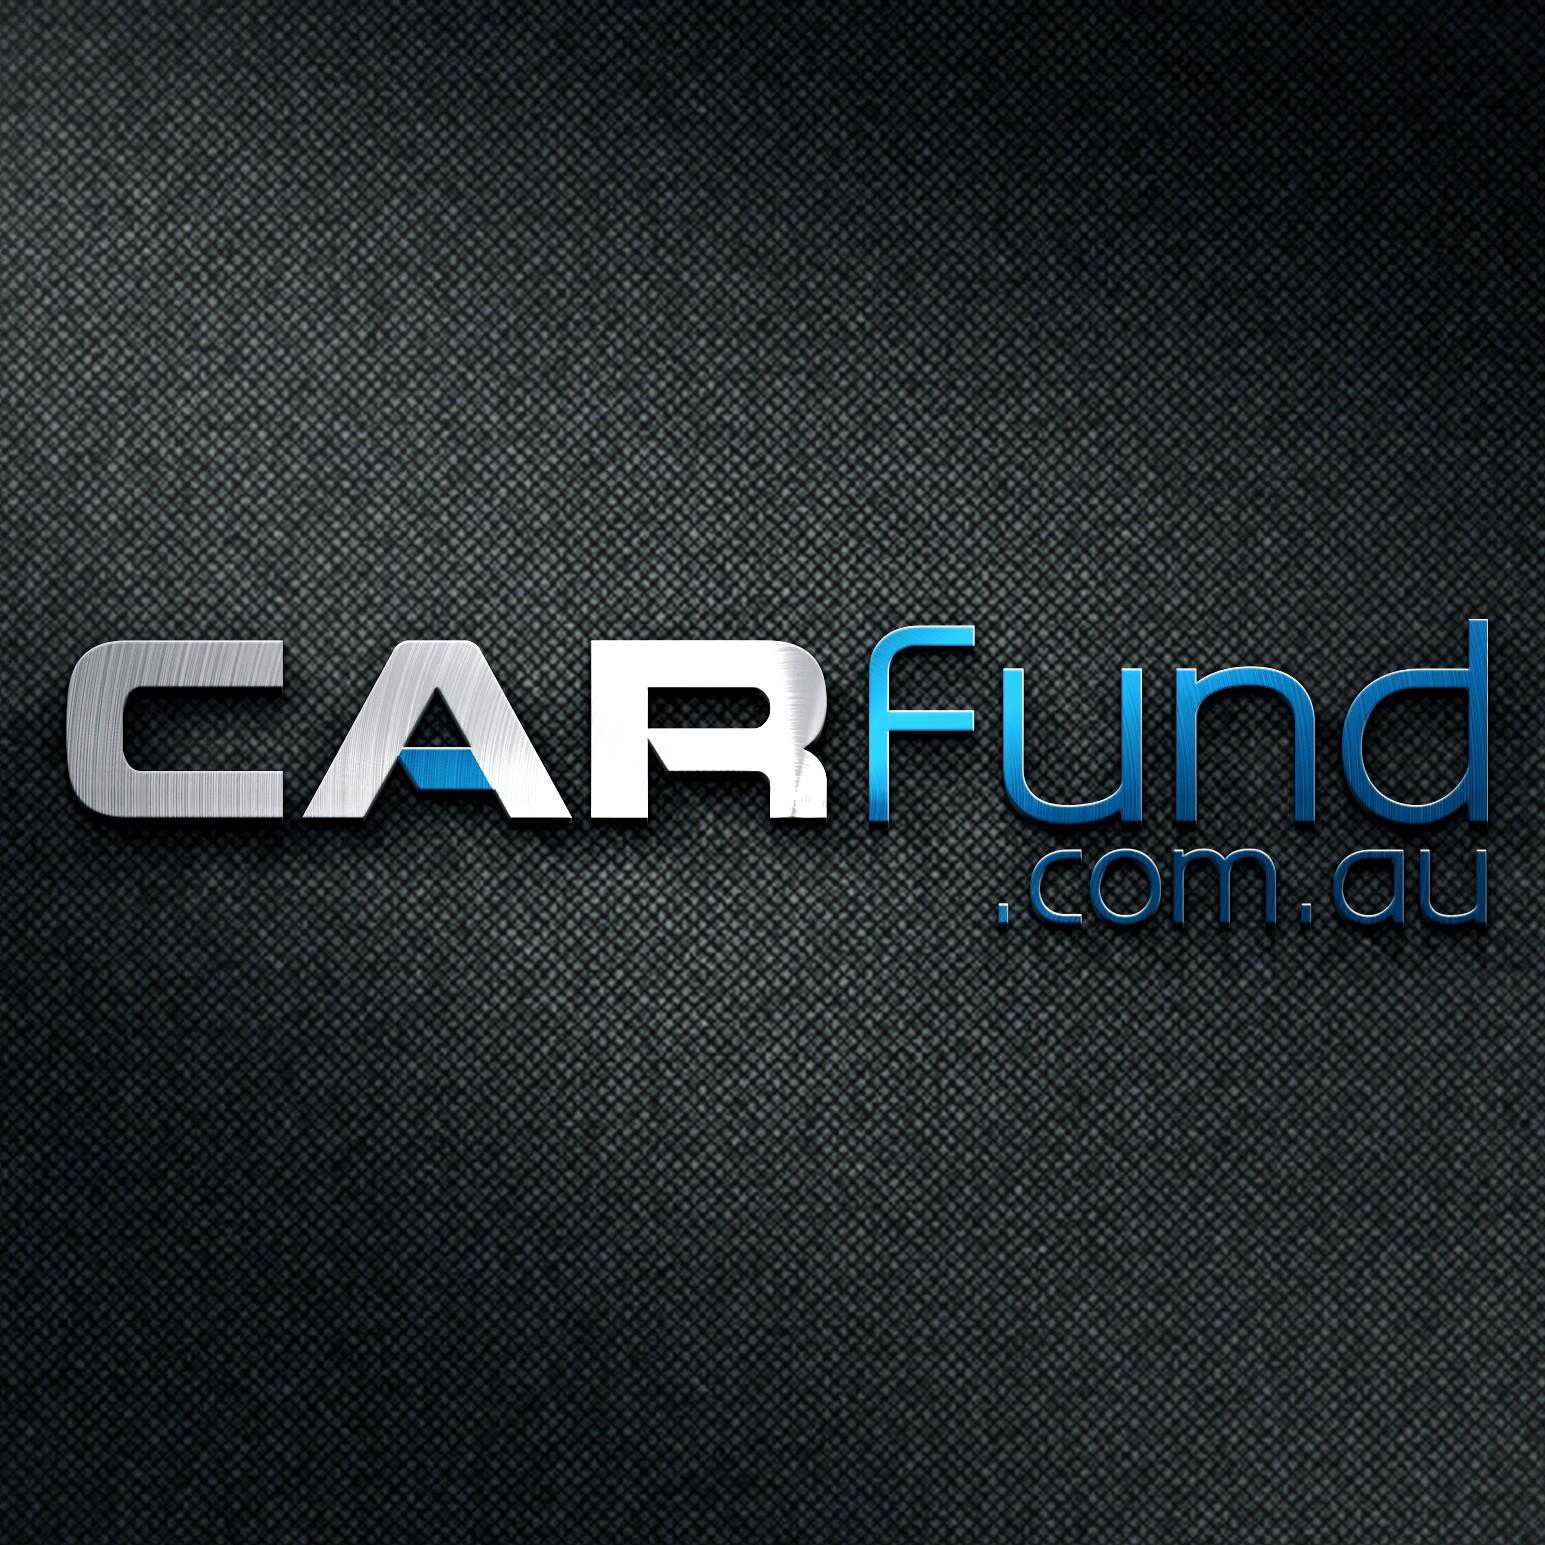 Carfund